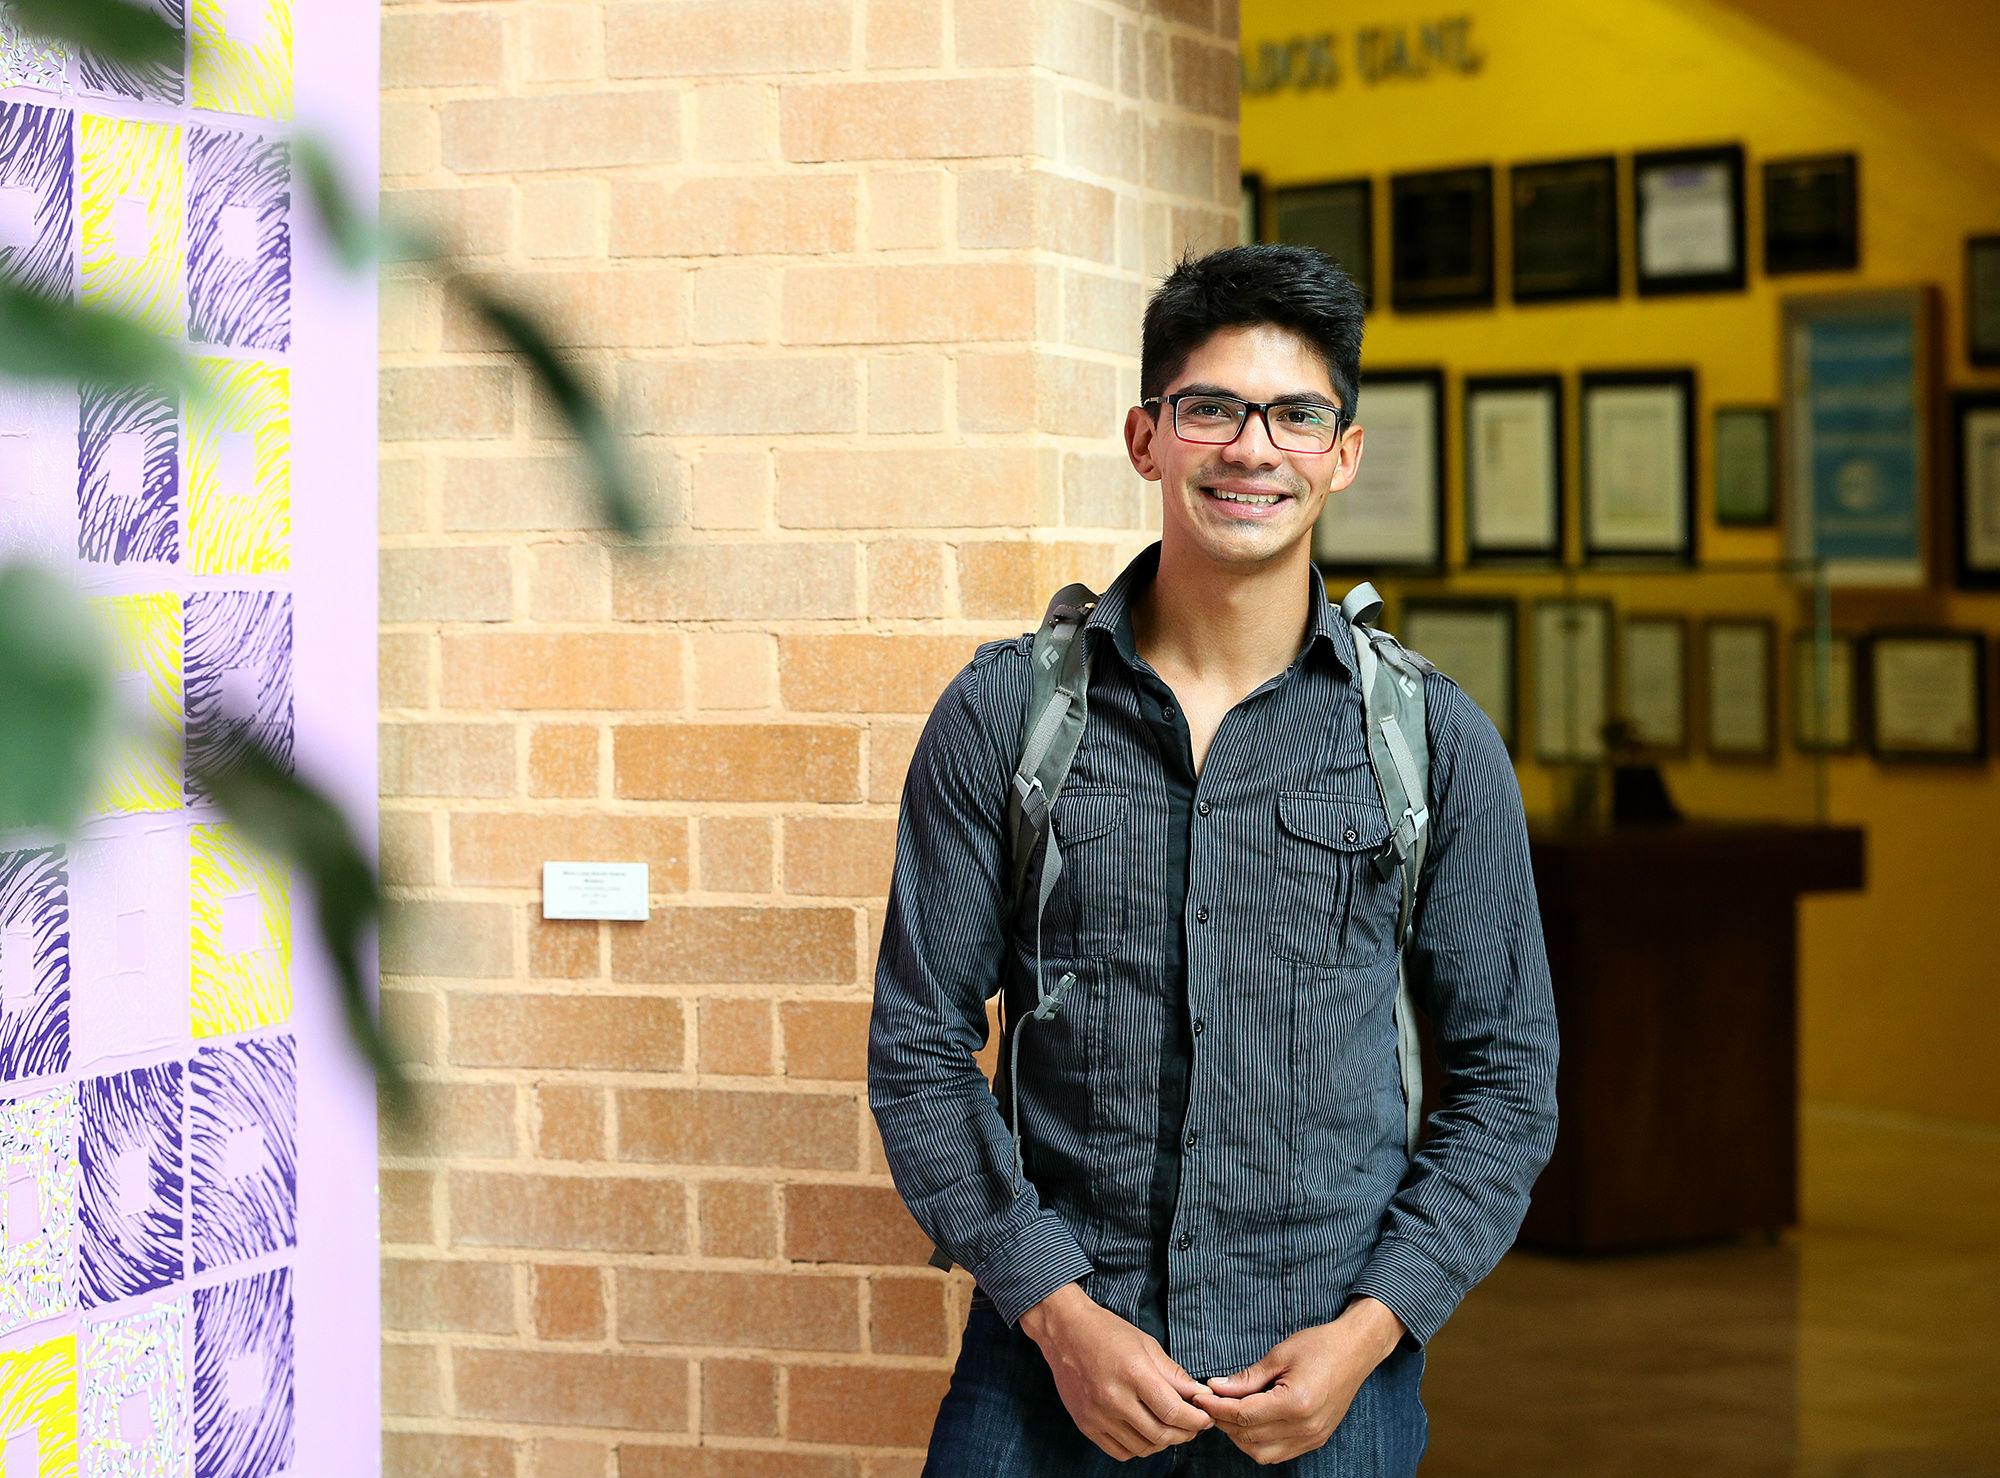 Víctor Morales, de Chile, estudiará en la Facultad de Ciencias Forestales